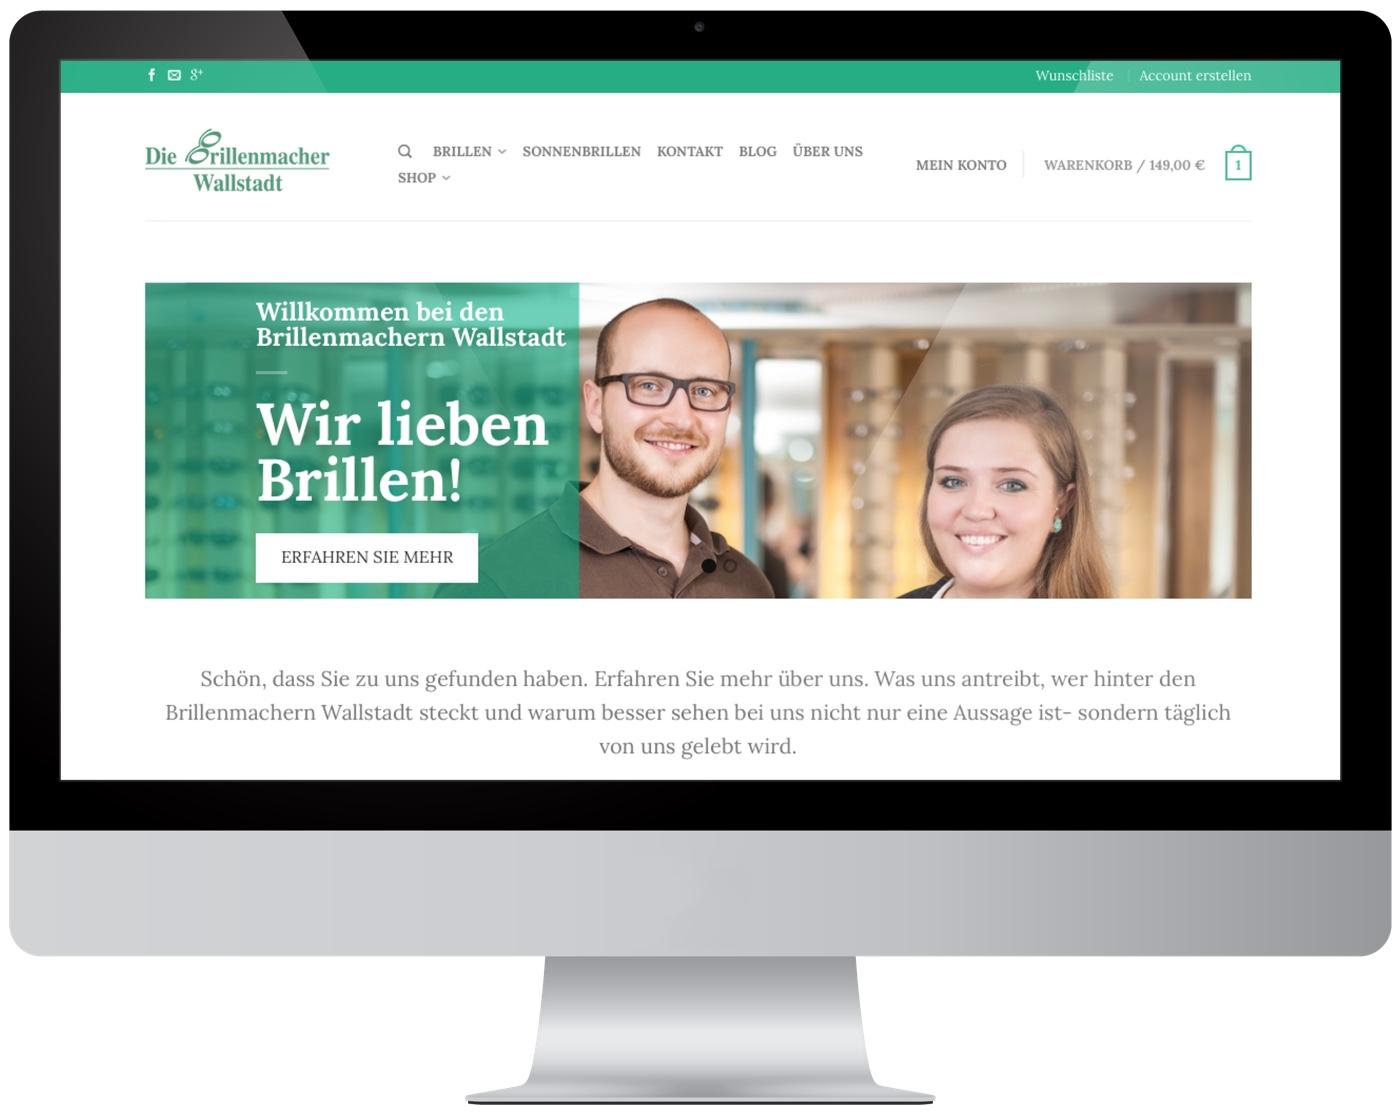 Das Bild zeigt einen Monitor mit der Website der Brillenmacher Wallstadt